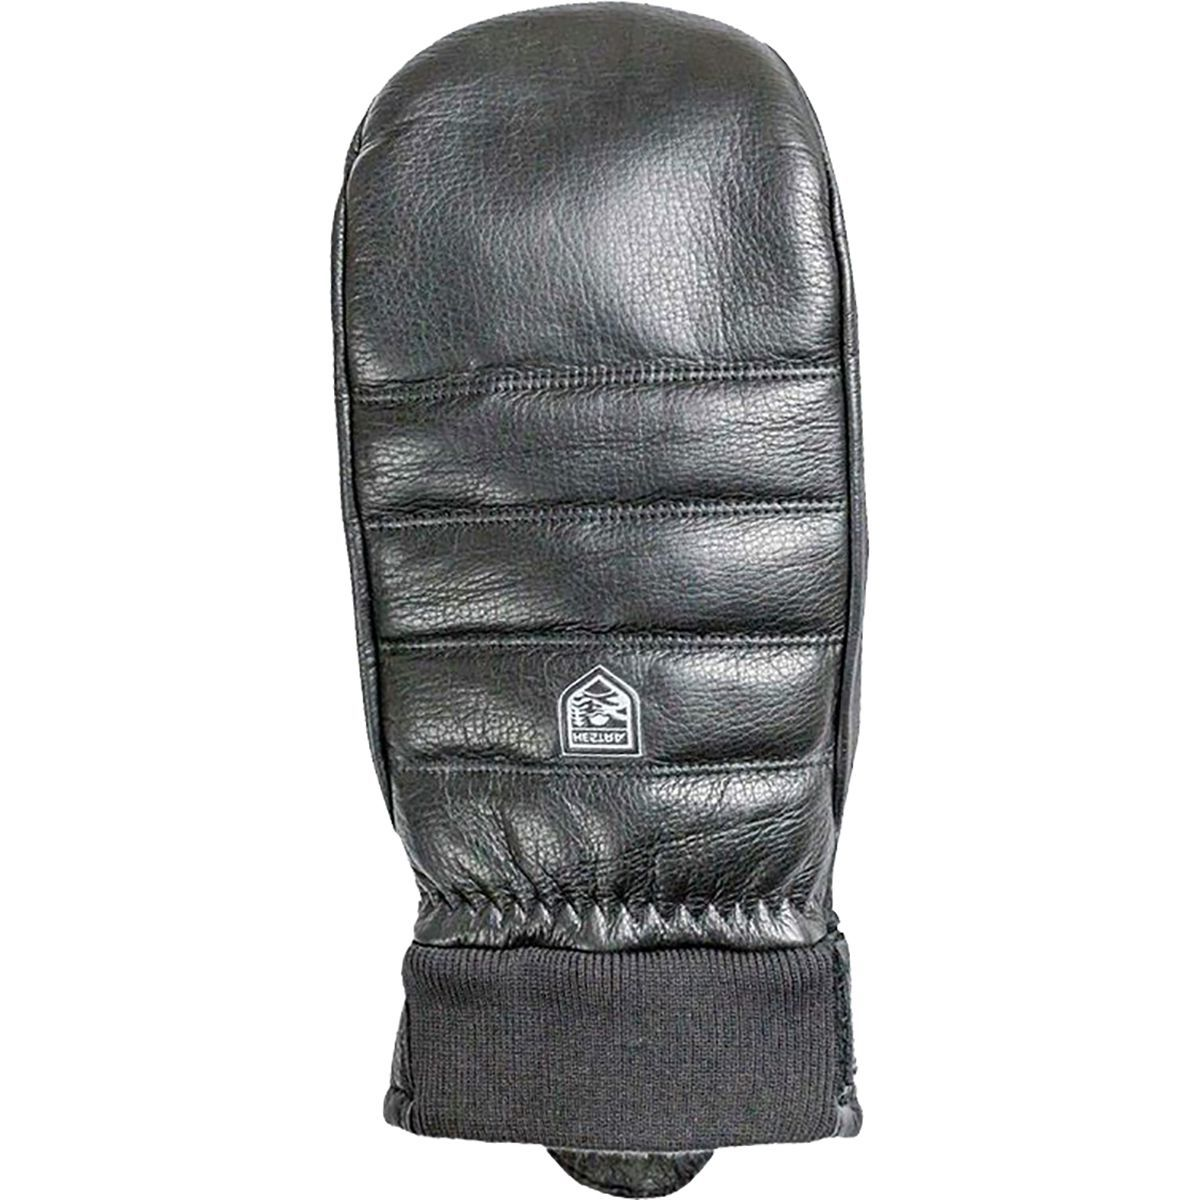 Hestra Alpine Leather Primaloft Mitten - Women's